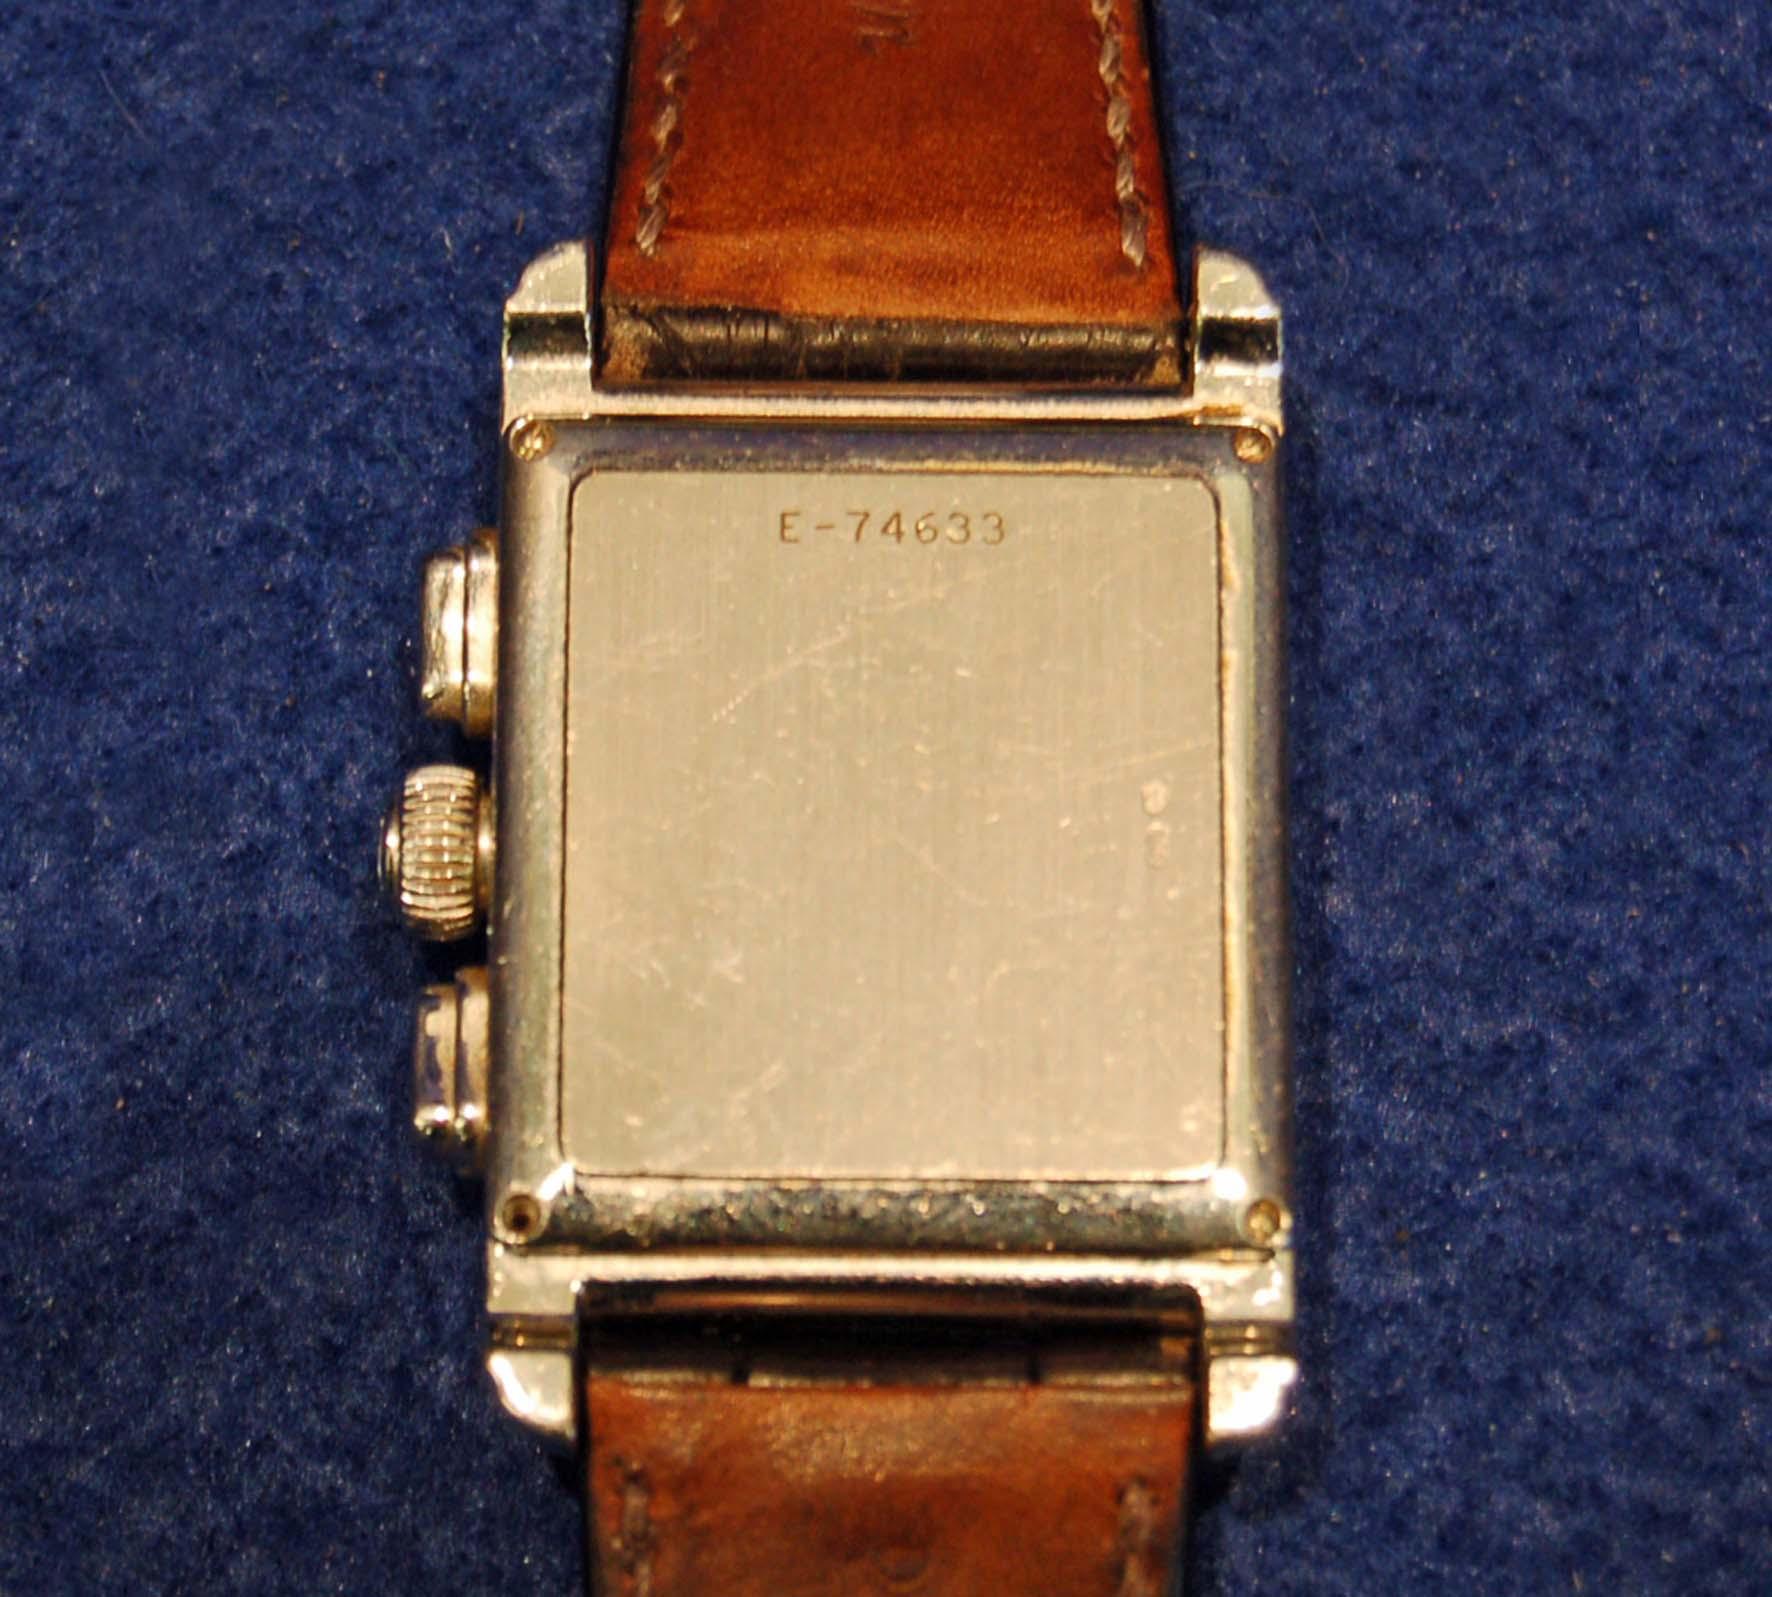 Lot 1 - AUDEMARS PIGUET Gentleman's 18ct White Gold Wrist Watch, Edward Piguet Chronograph E74633,